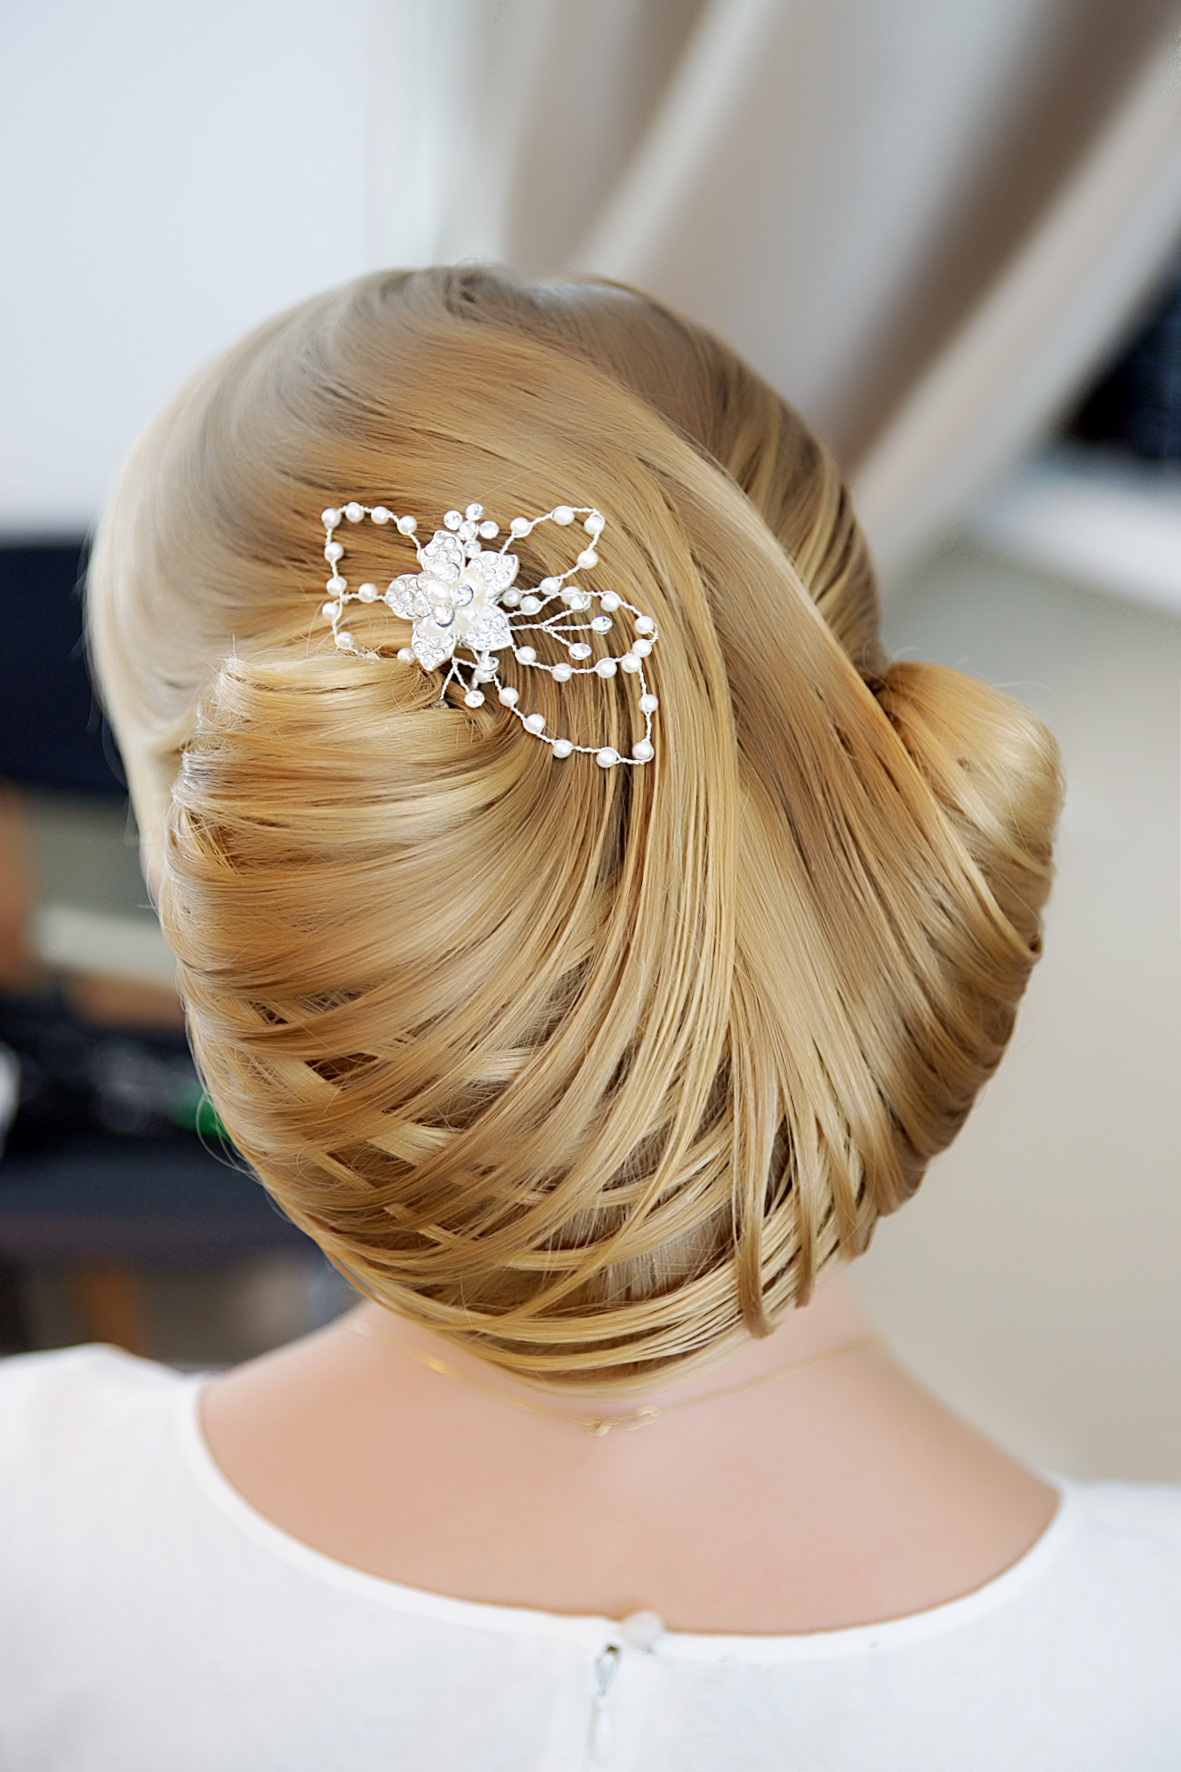 Прическа из волос на клипсах